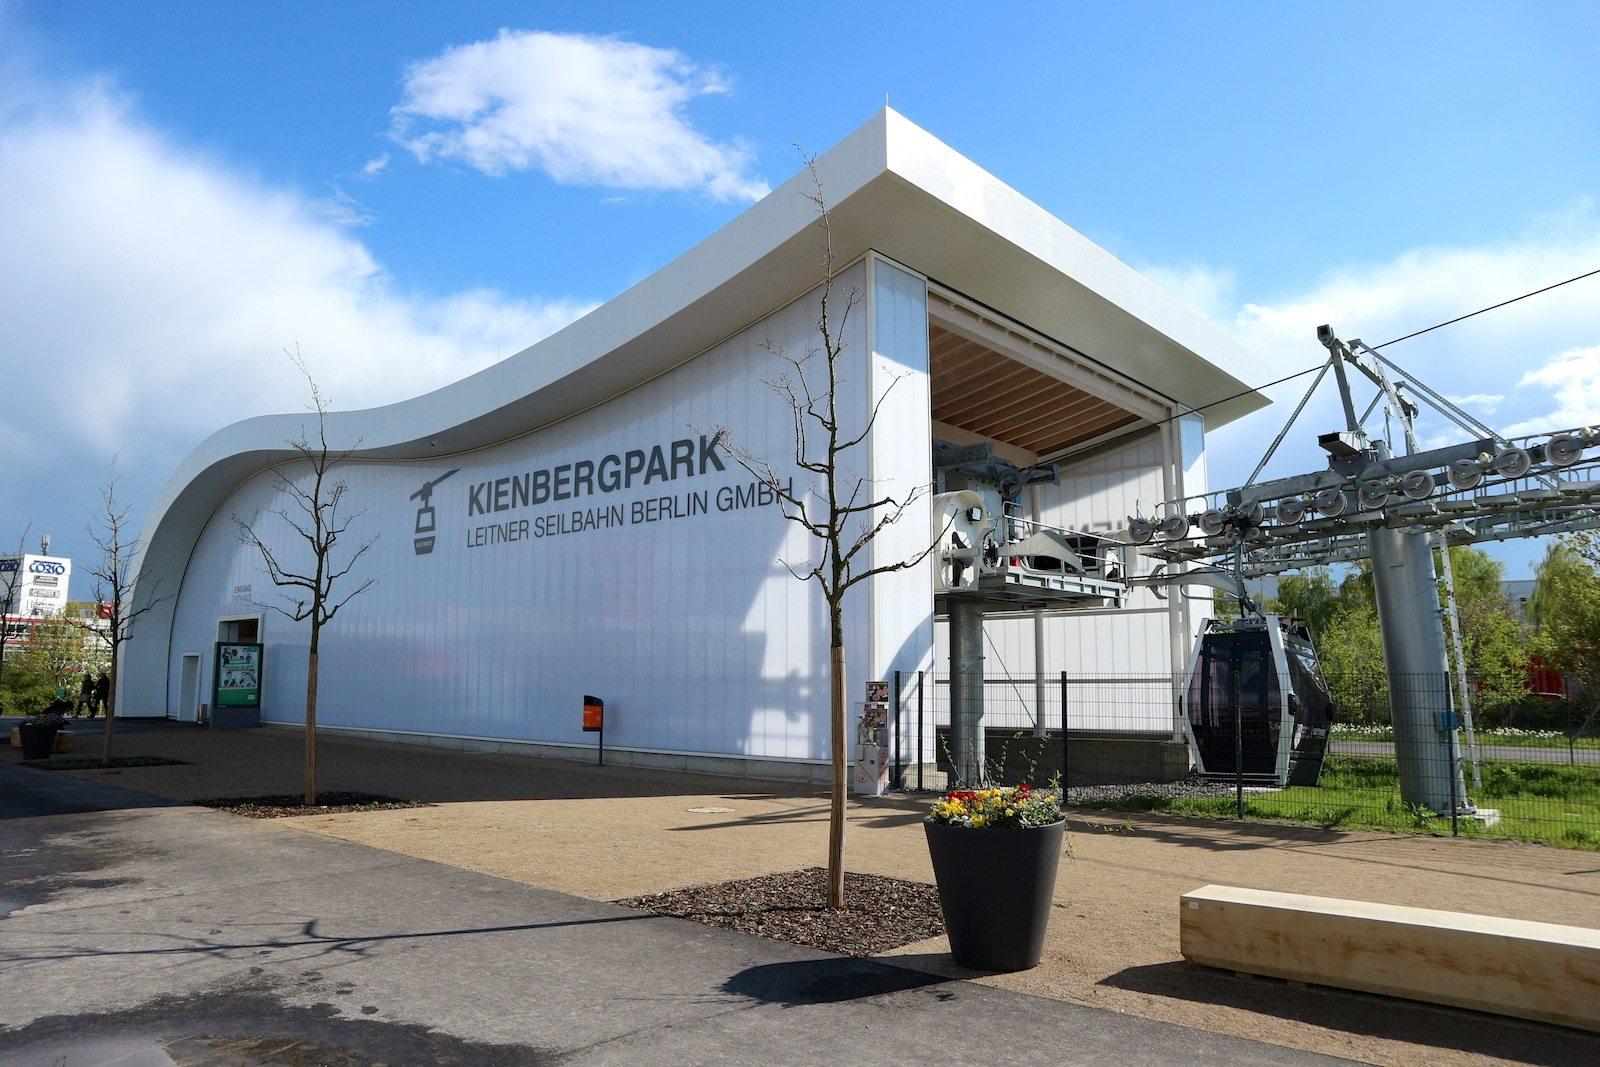 """Seilbahnstation.  Vom IGA-Haupteingang Kienbergpark am U-Bahnhof """"Kienberg - Gärten der Welt"""" (früher: """"Neue Grottkauer Straße"""") steigen die Kabinen mit jeweils maximal 10 Personen in eine Höhe von 25 bis 30 Metern."""